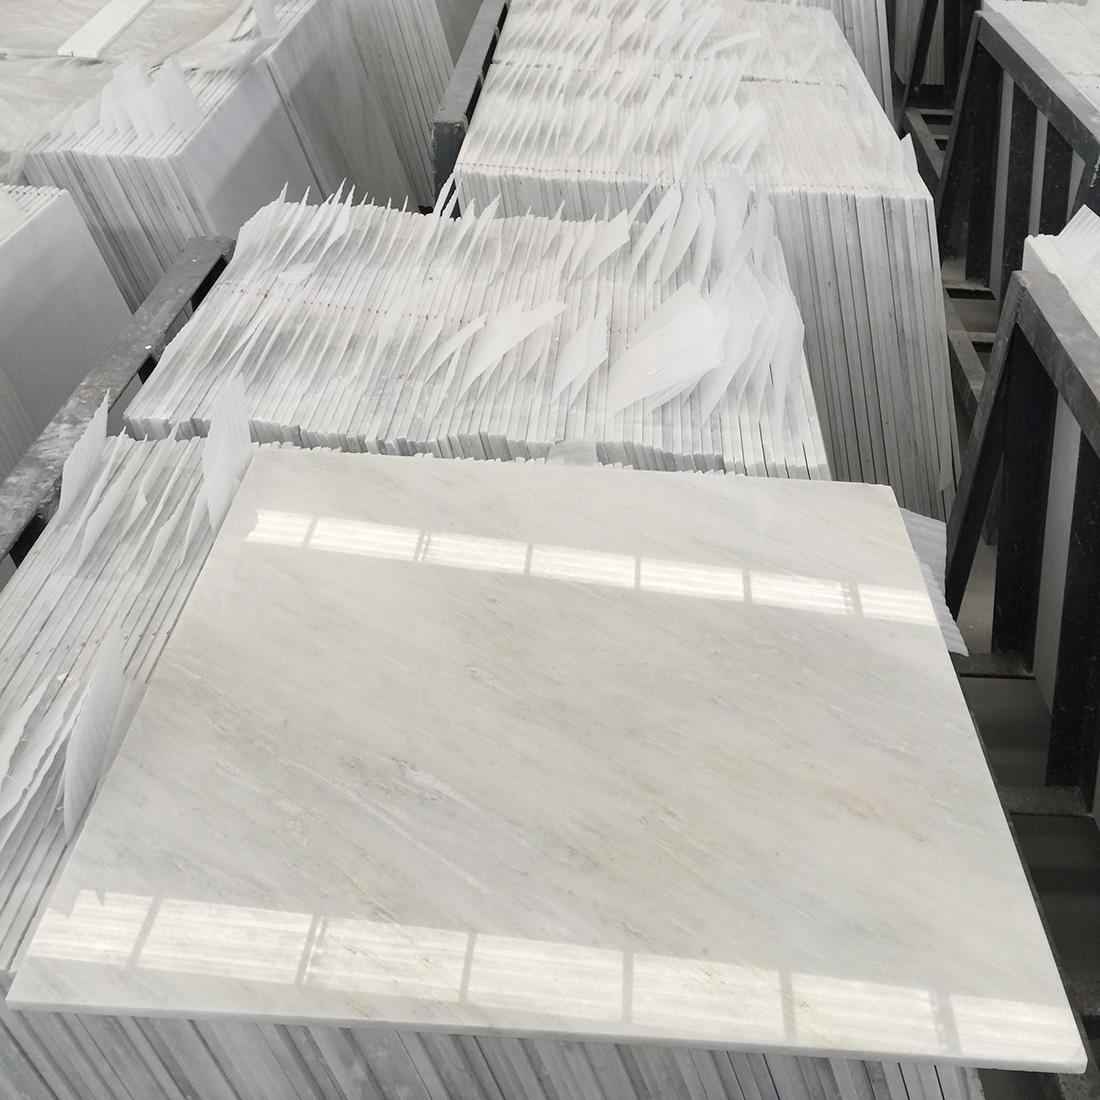 Oriental White Marble Tiles 24 24